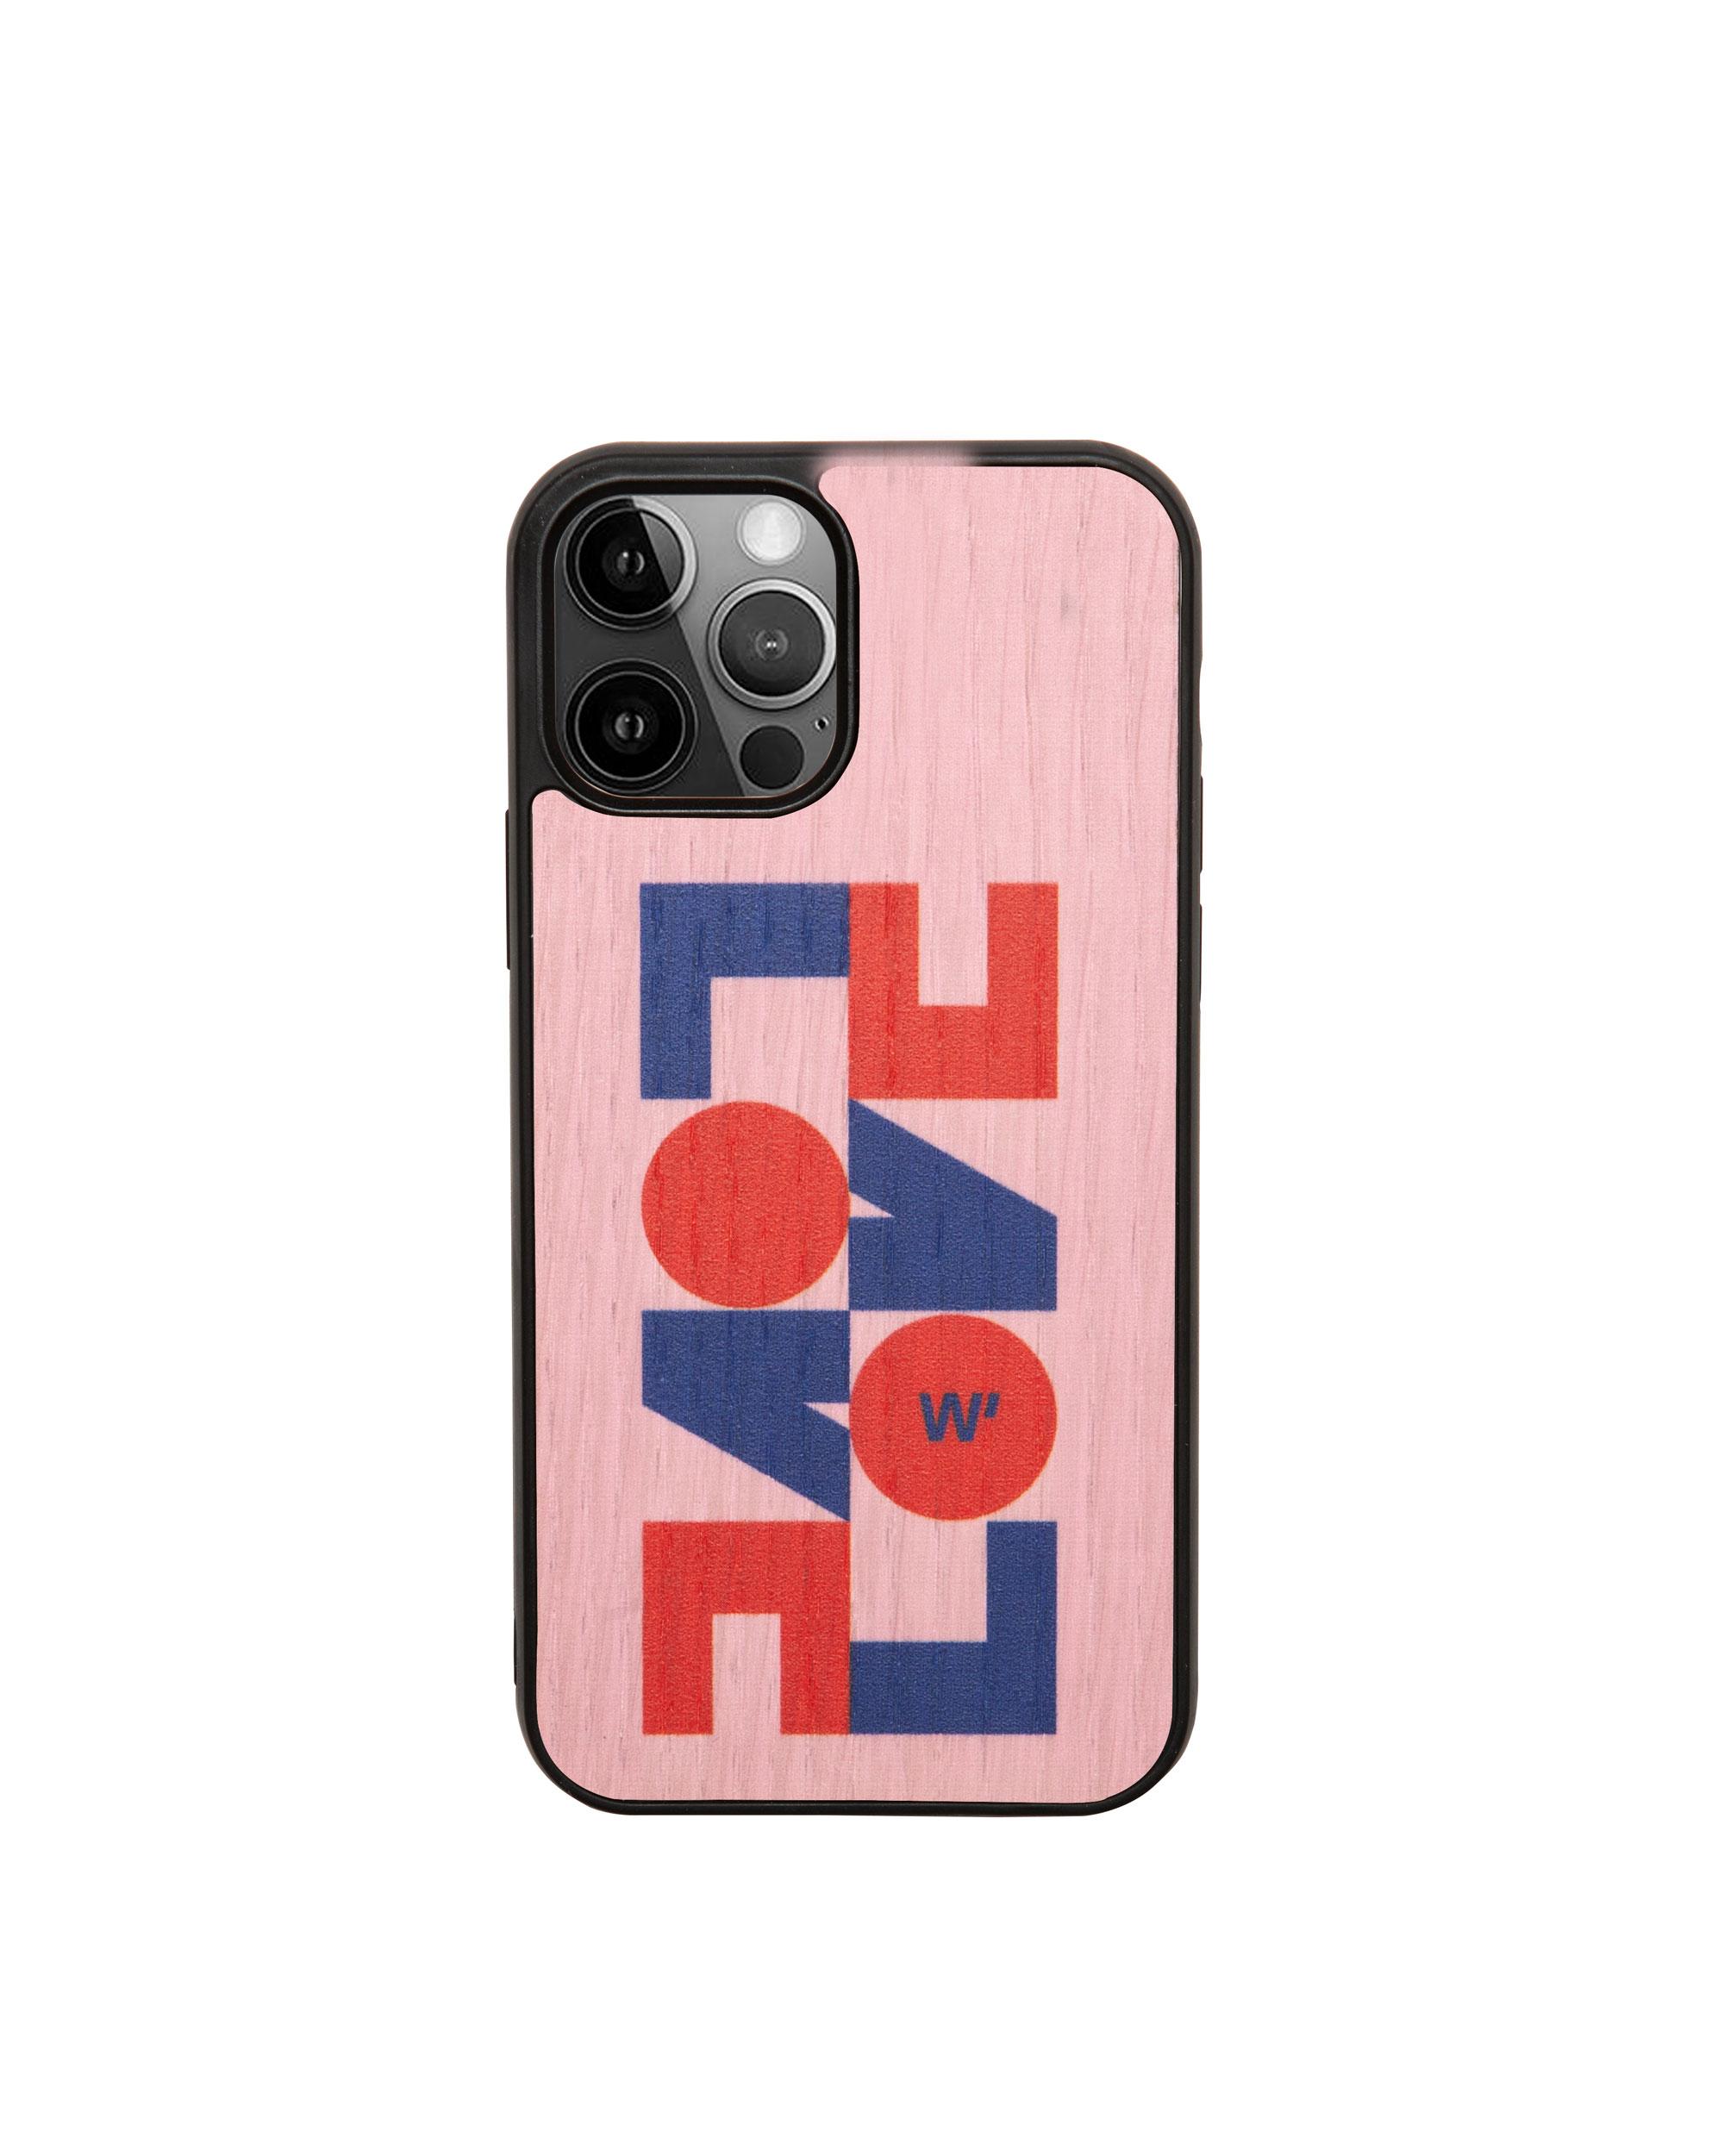 LOVE - Coque en bois pour iPhone 12 mini